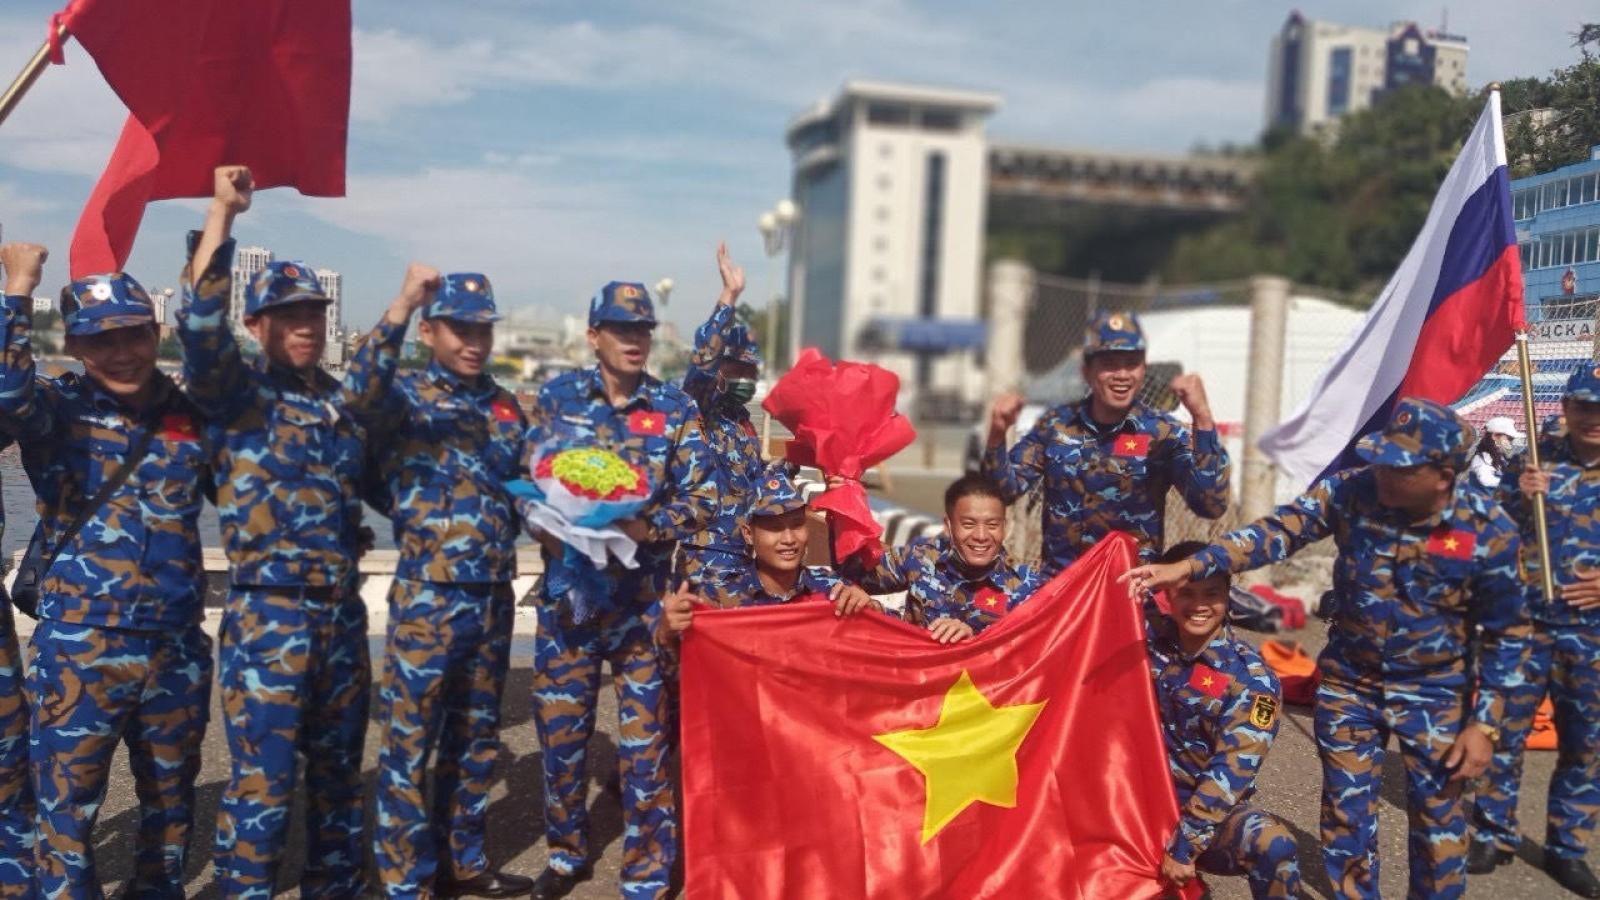 Army games 2021: Hải quân Việt Nam tiếp tục giành chiến thắng